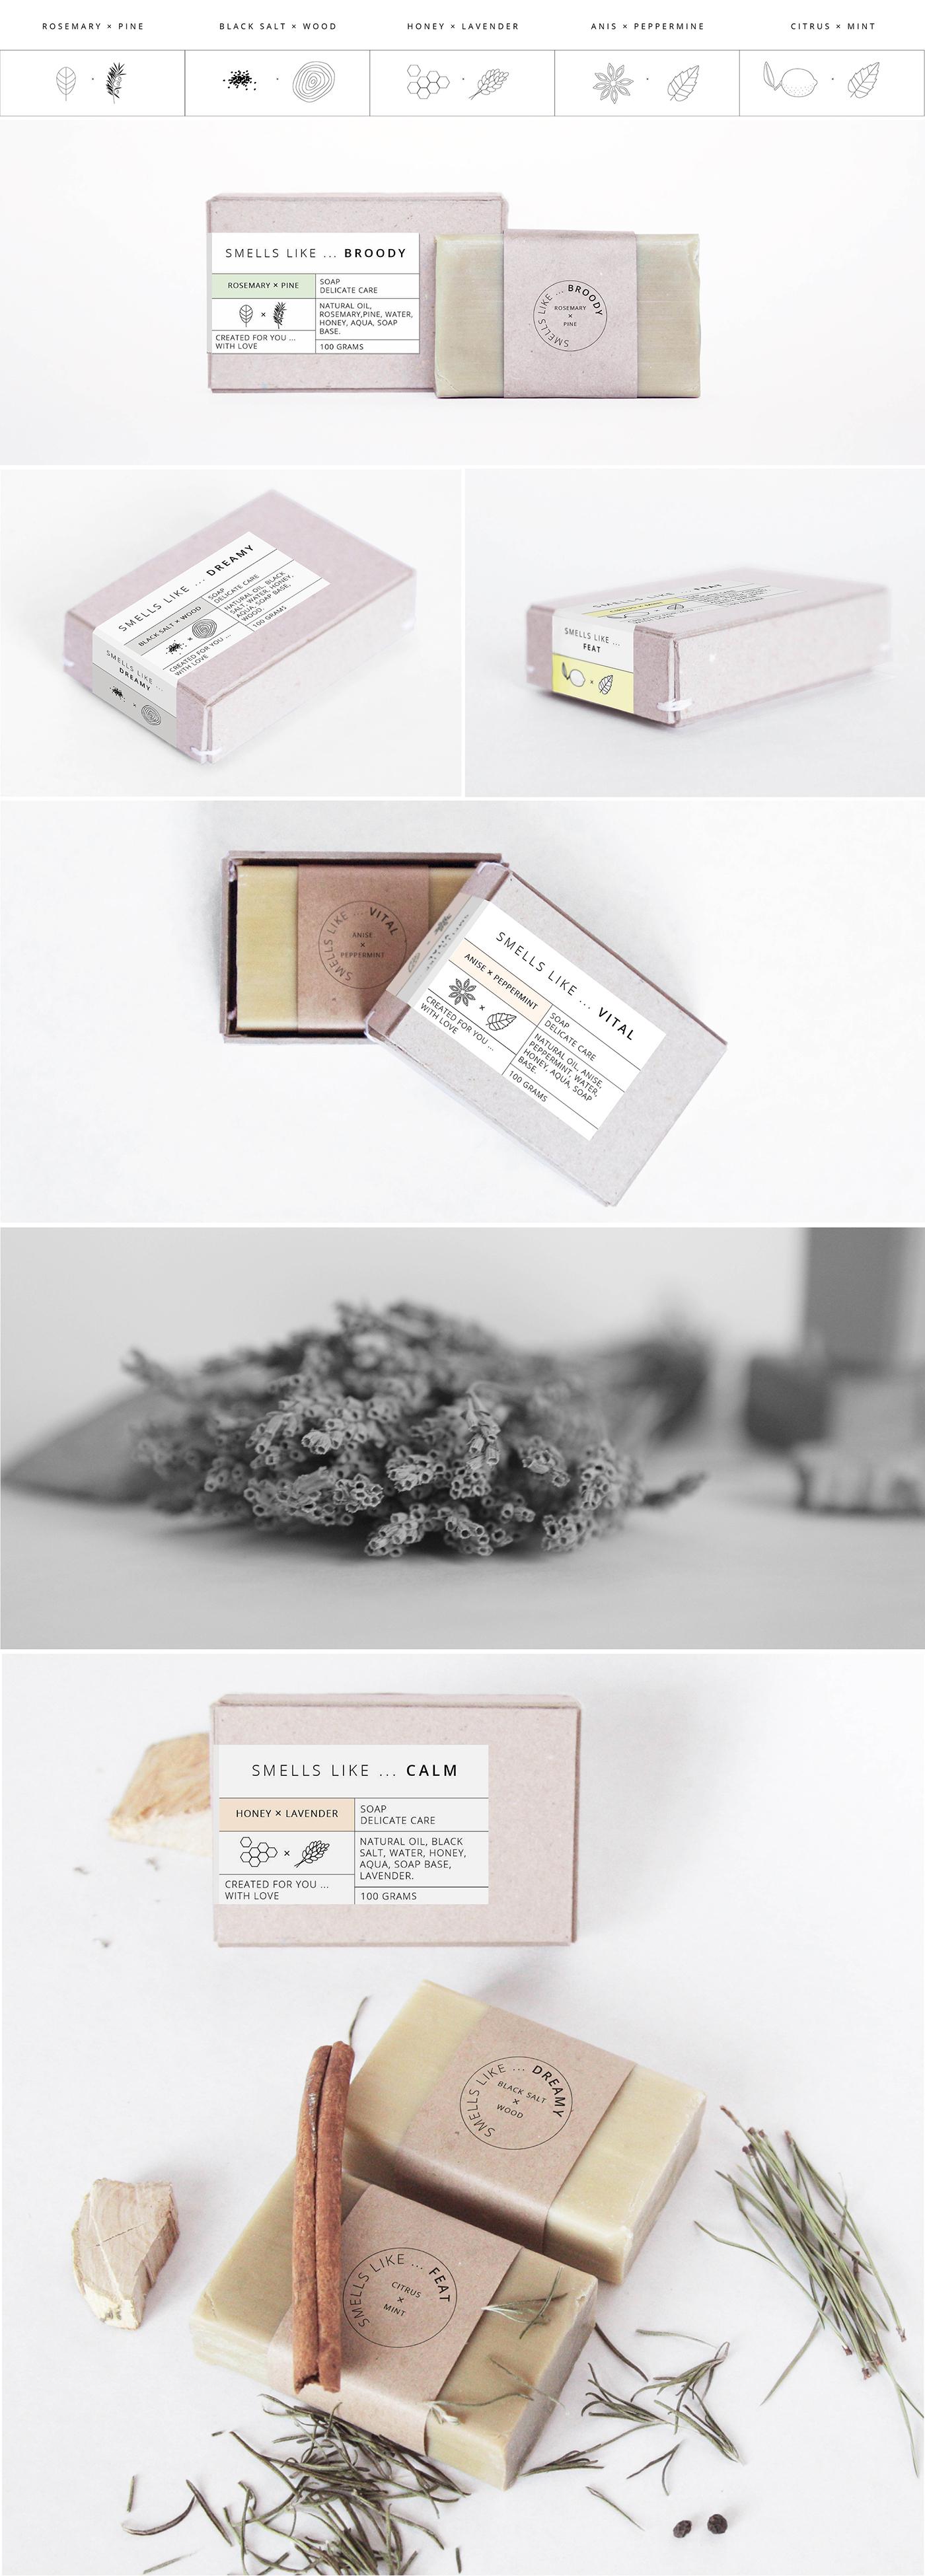 有設計感的32張肥皂包裝欣賞